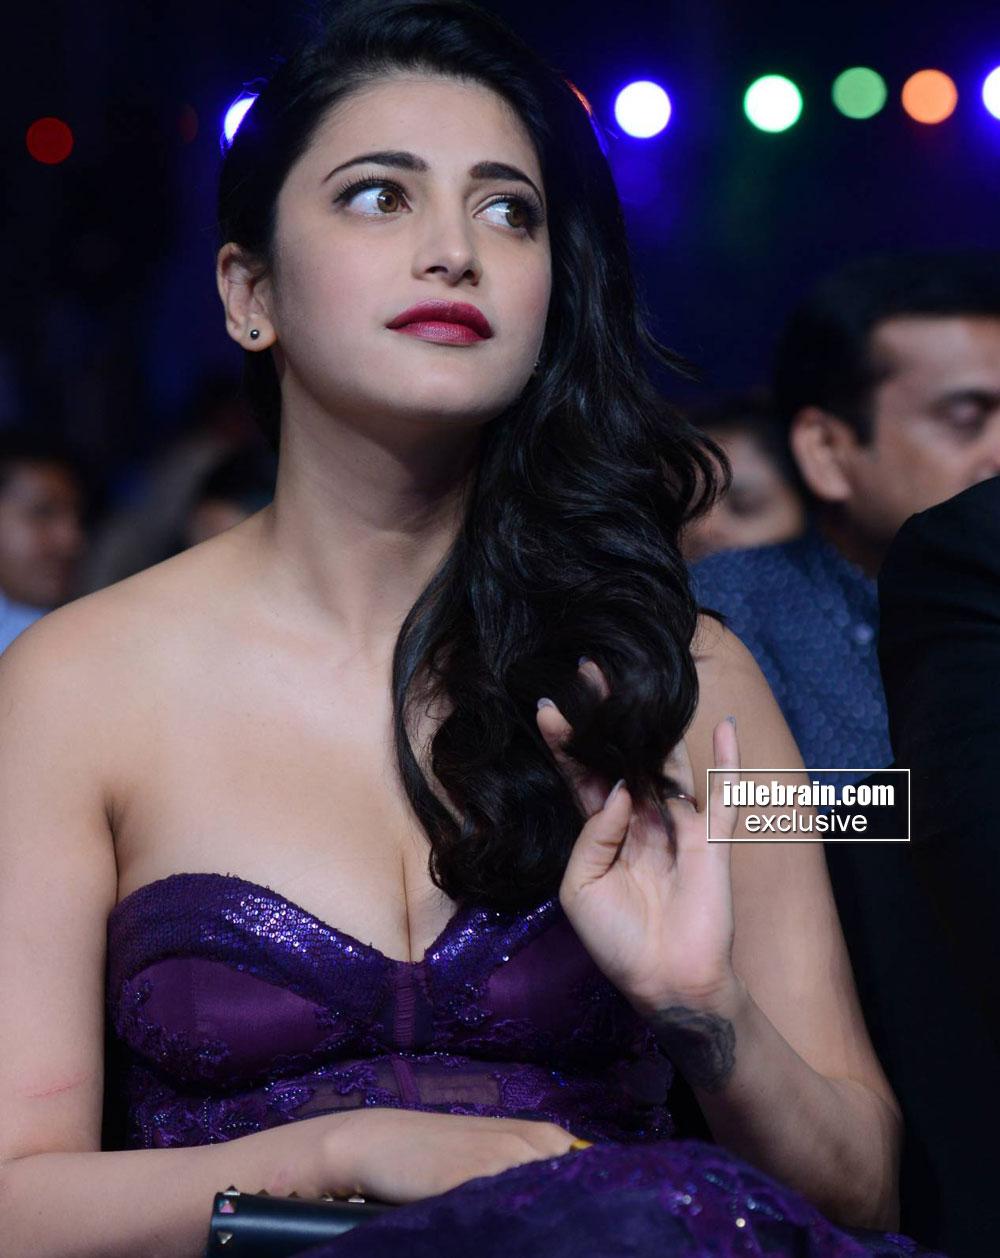 Mallufun.com: Shruthi Hassan